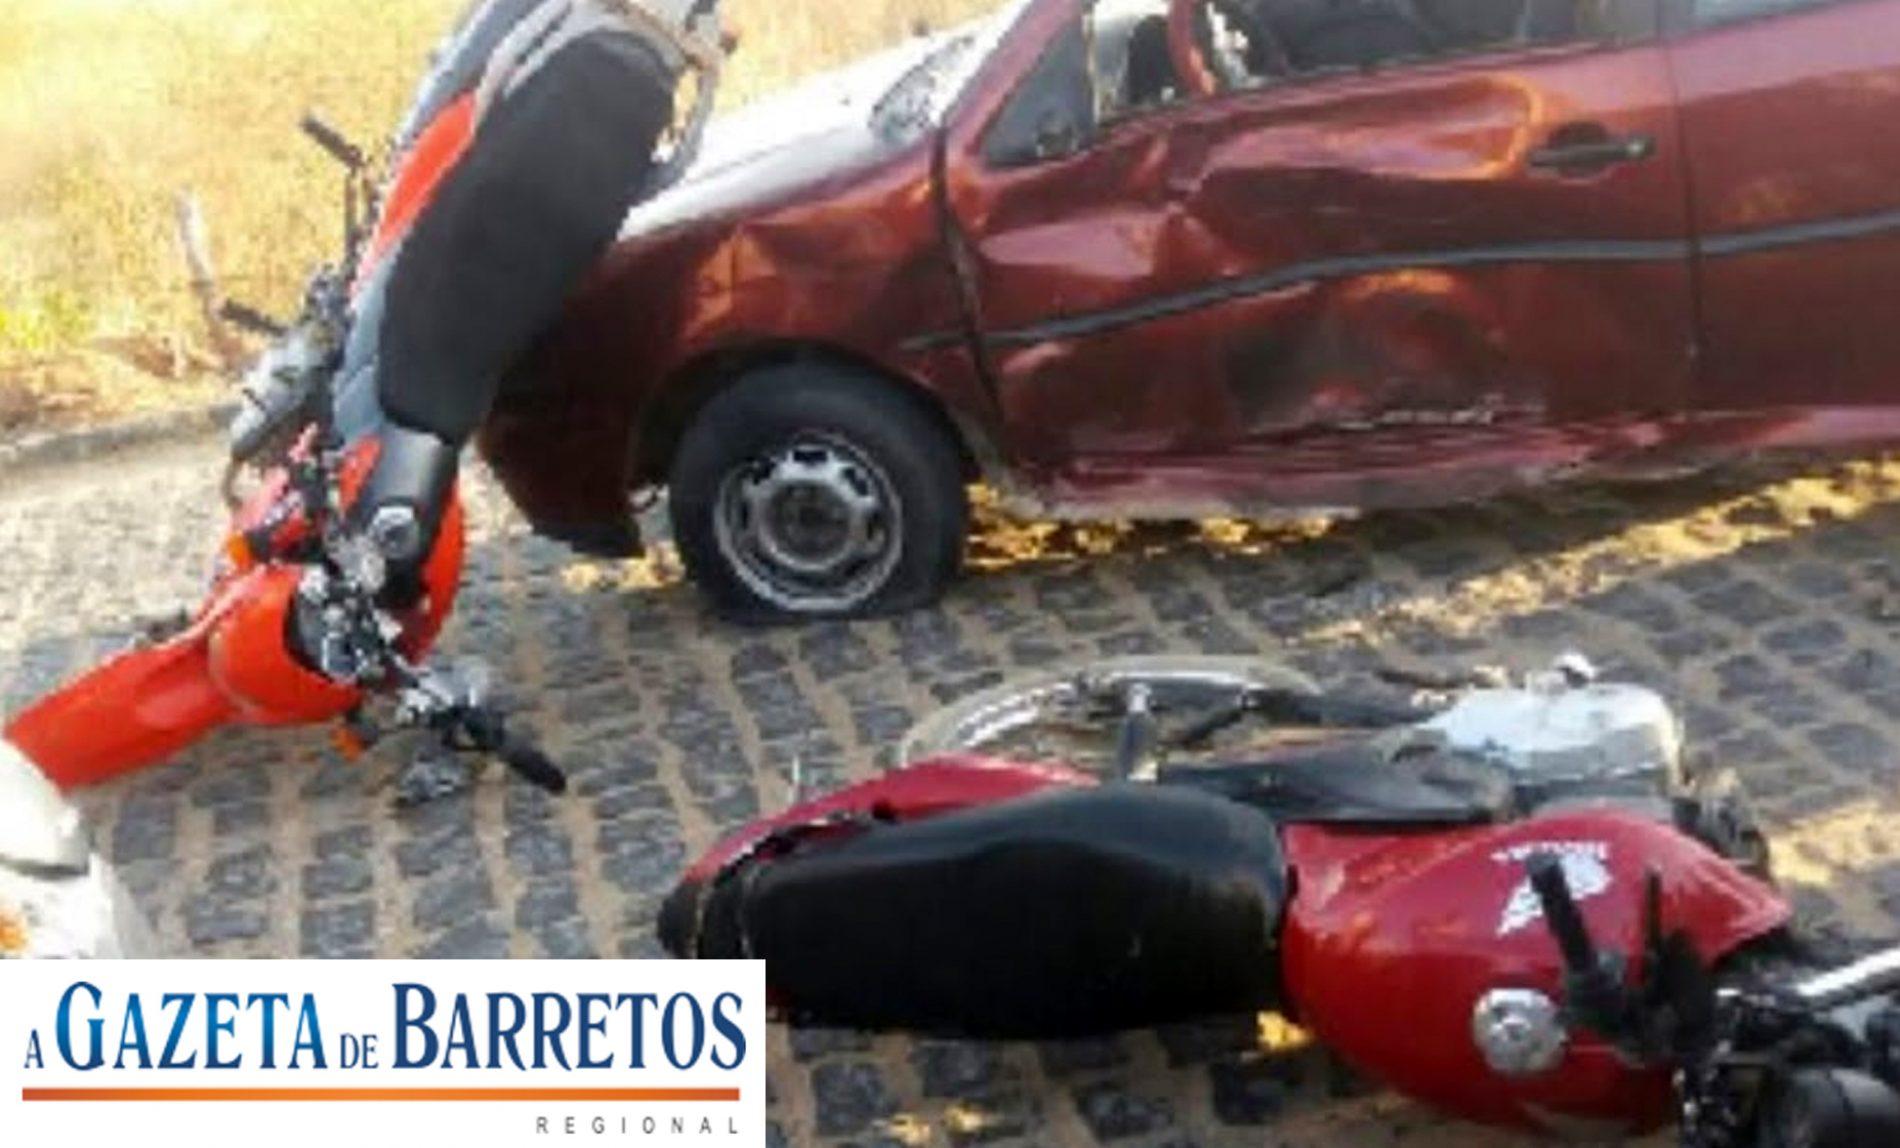 Acidente entre carro e duas motos no bairro Nogueira